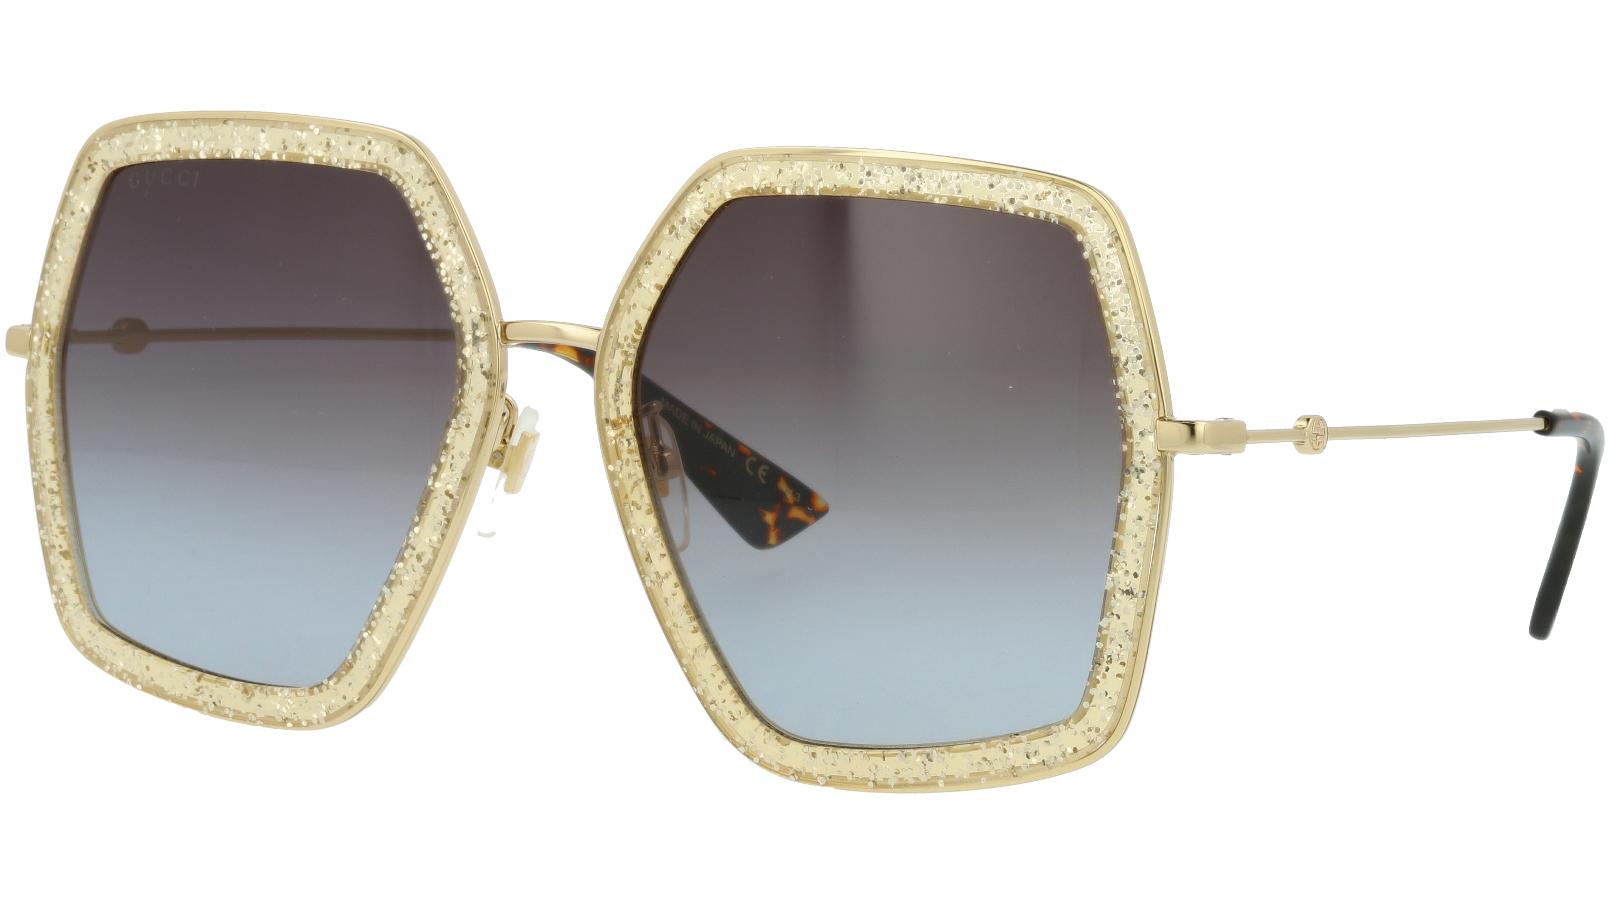 GUCCI GG0106S 005 56 GOLD Sunglasses